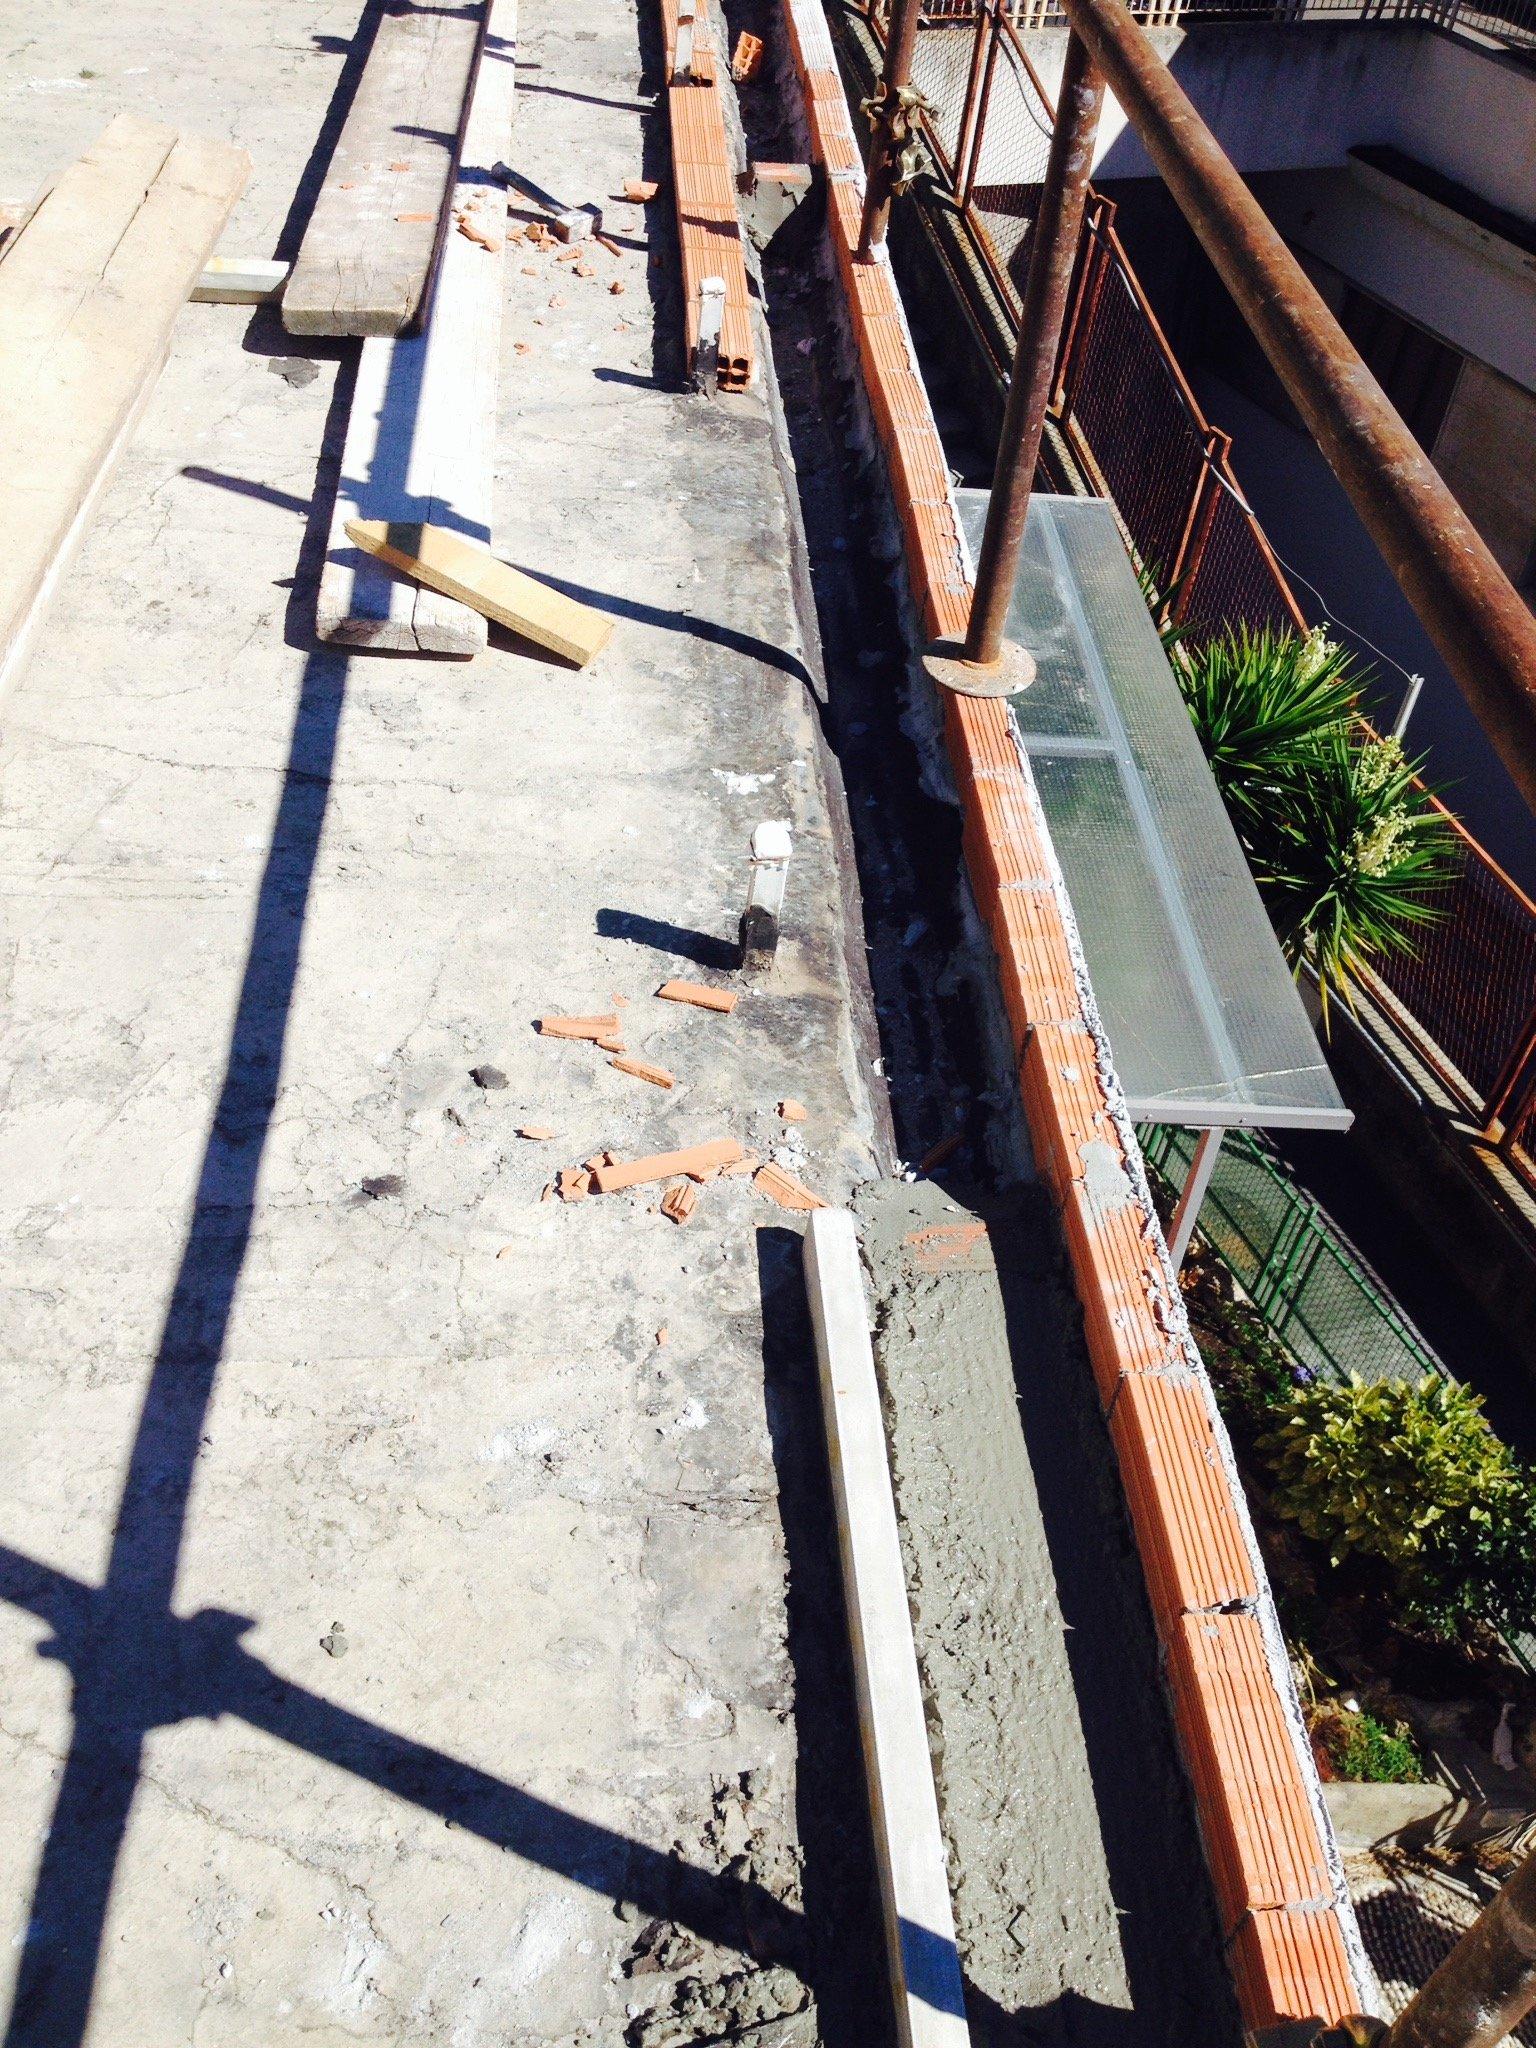 Lavorazione sulla grondaia di un tetto